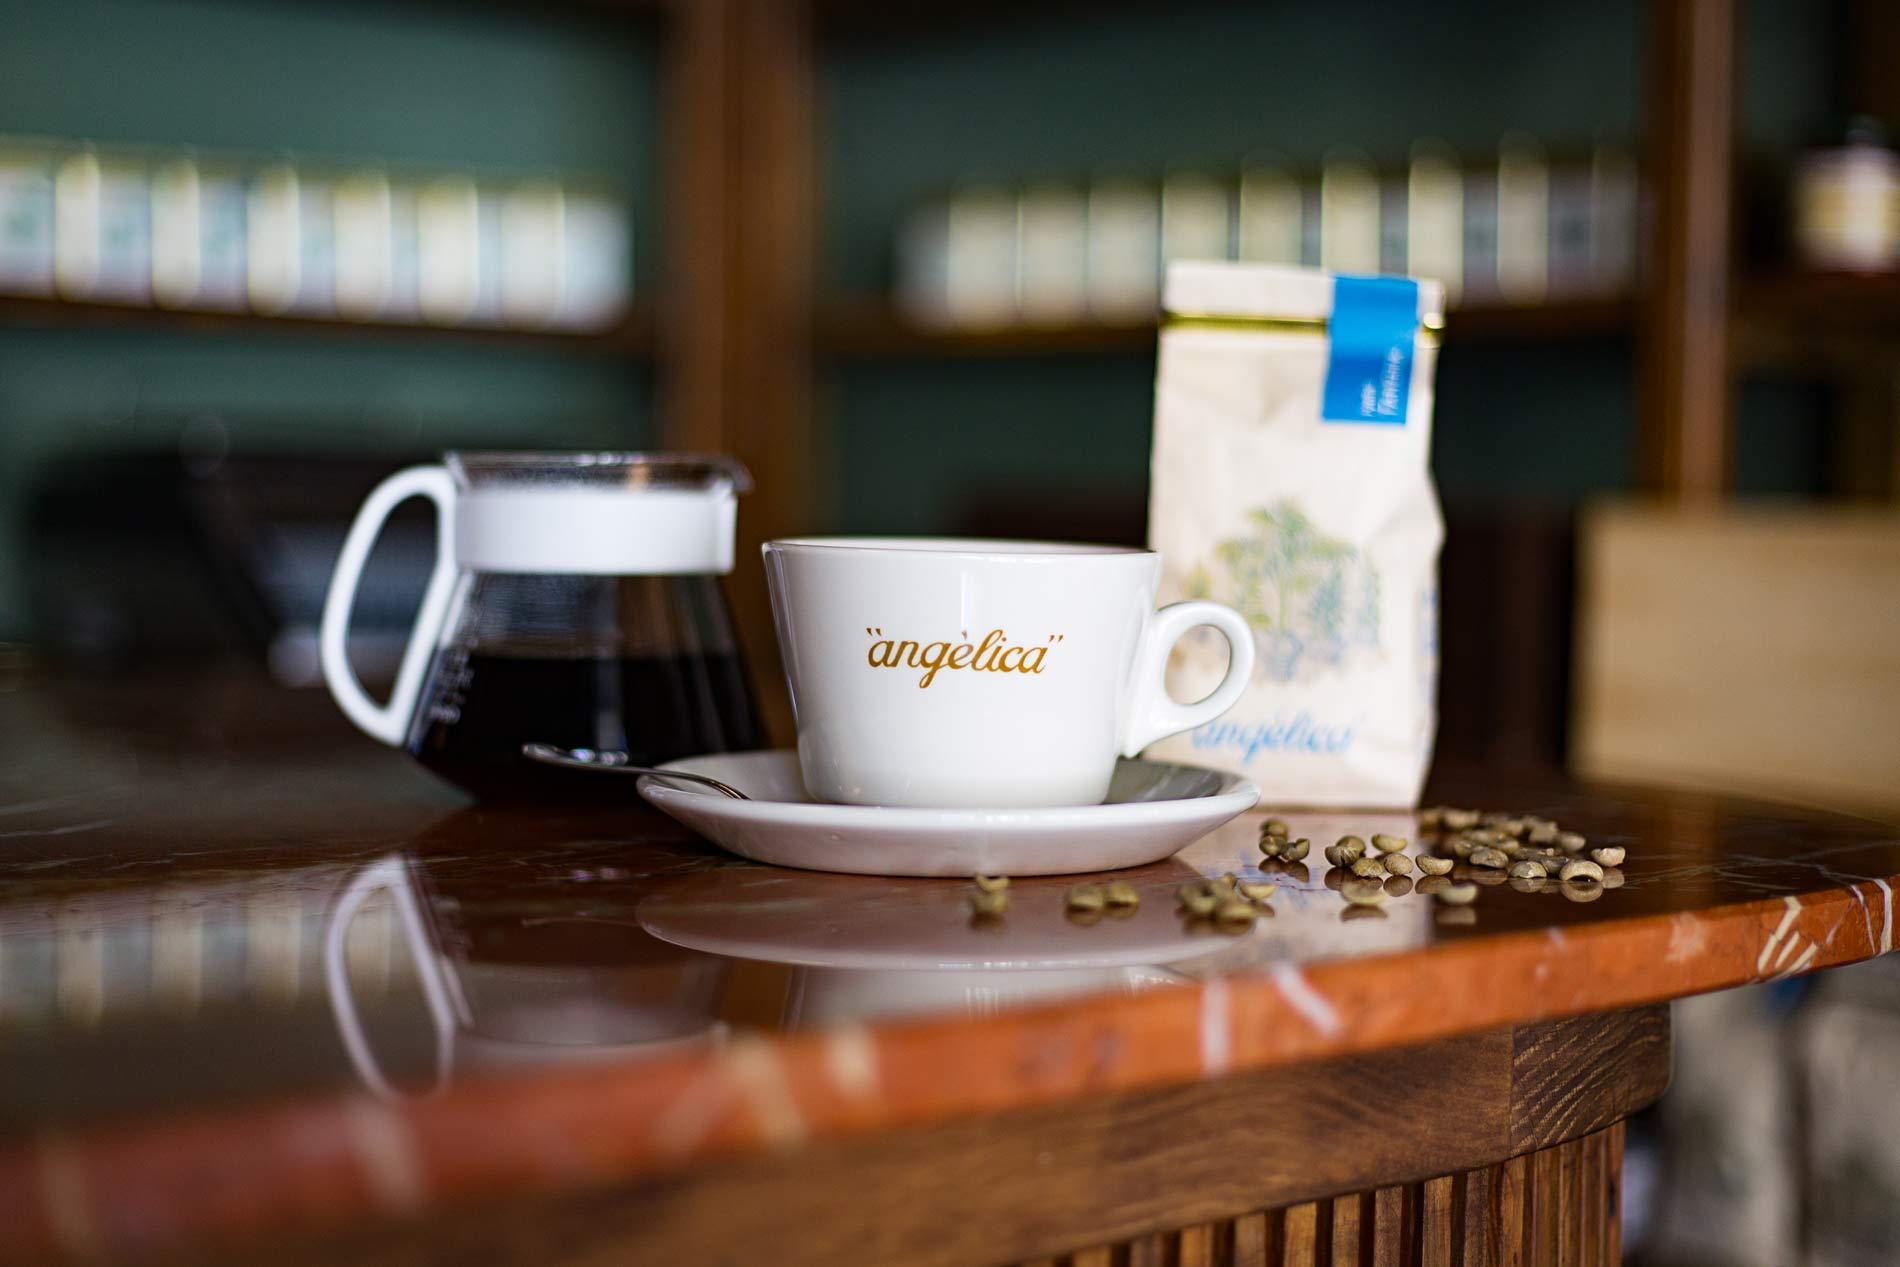 Café Angélica, cafés, tés y especias con identidad propia